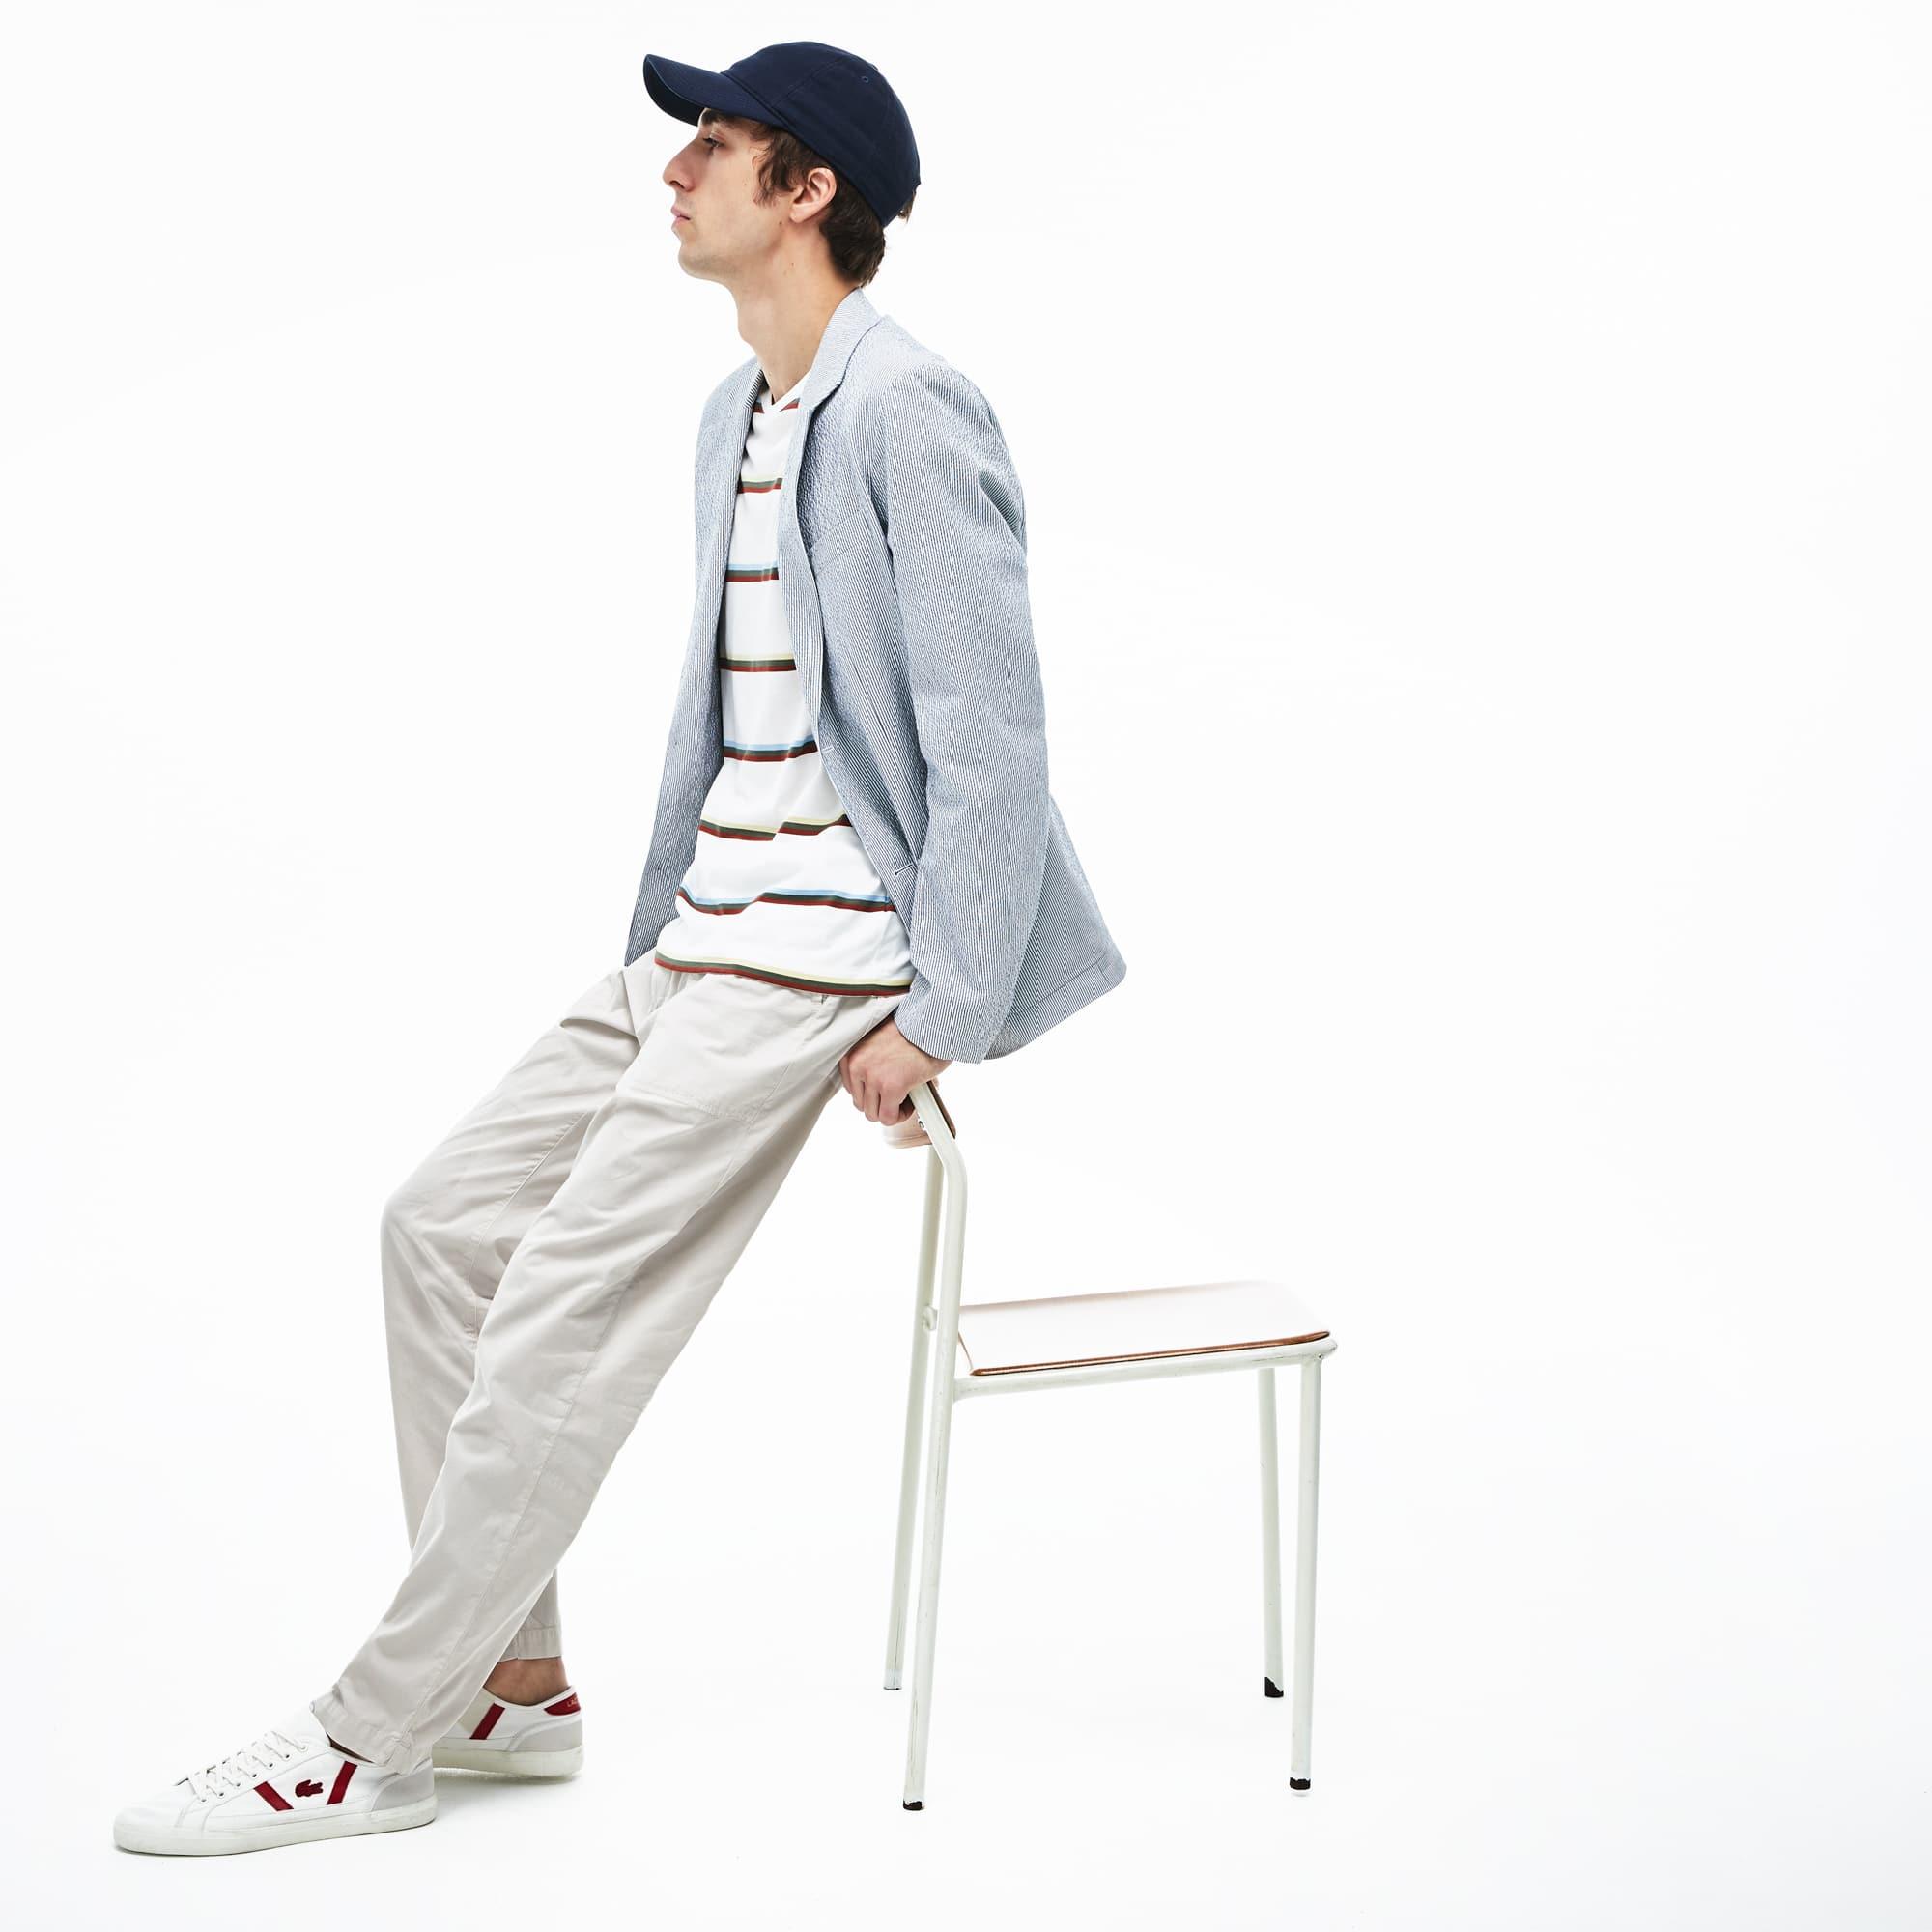 Lacoste Pants MEN'S LIGHTWEIGHT STRETCH COTTON PANTS